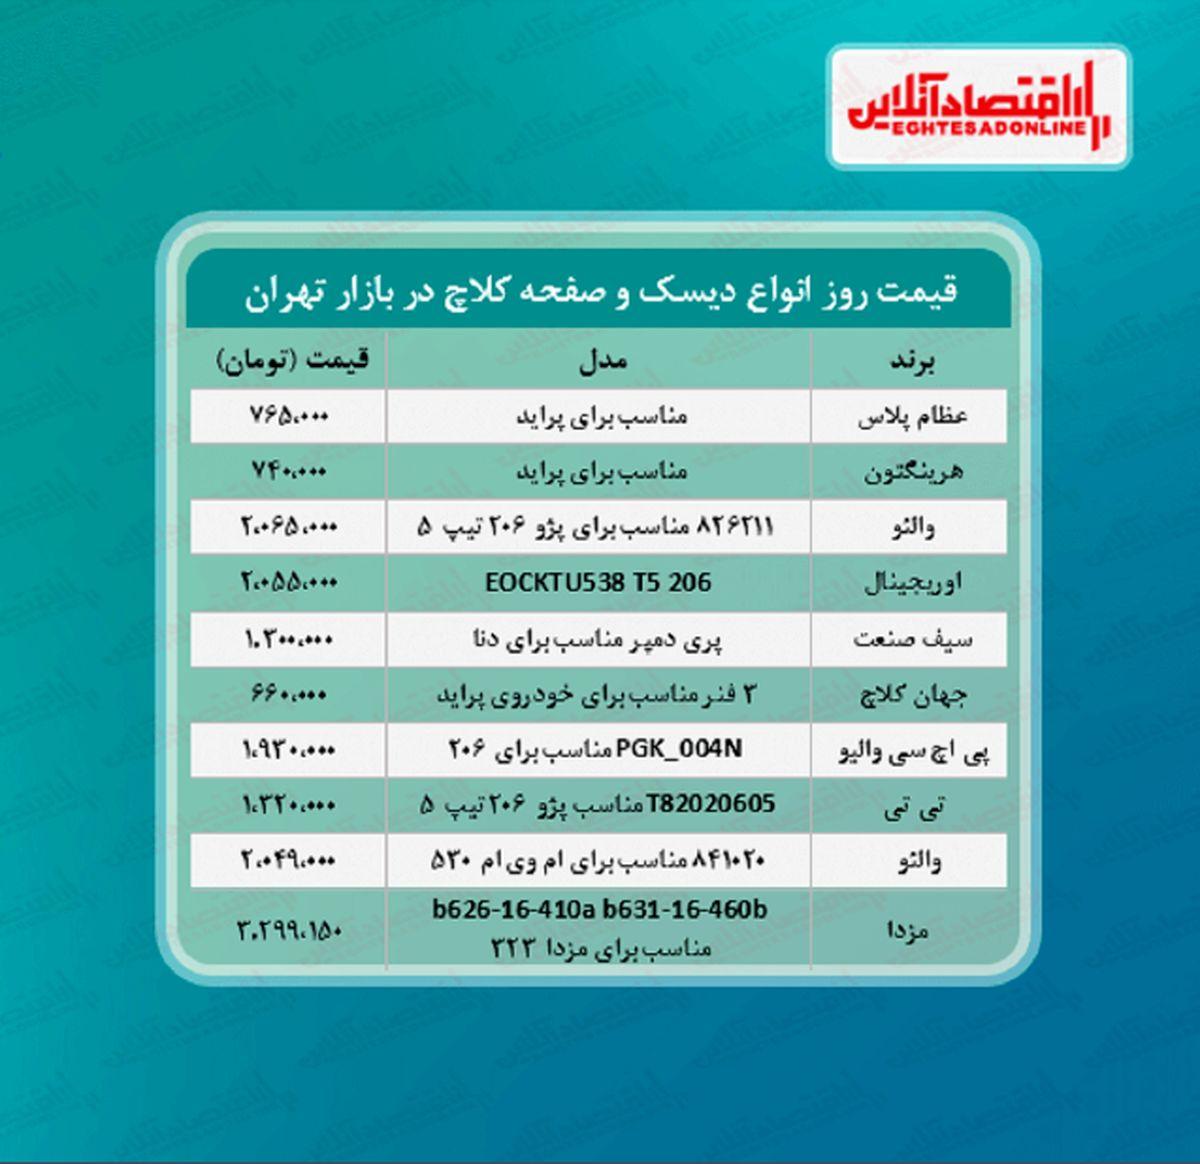 قیمت جدید دیسک و صفحه کلاج (خرداد ۱۴۰۰)